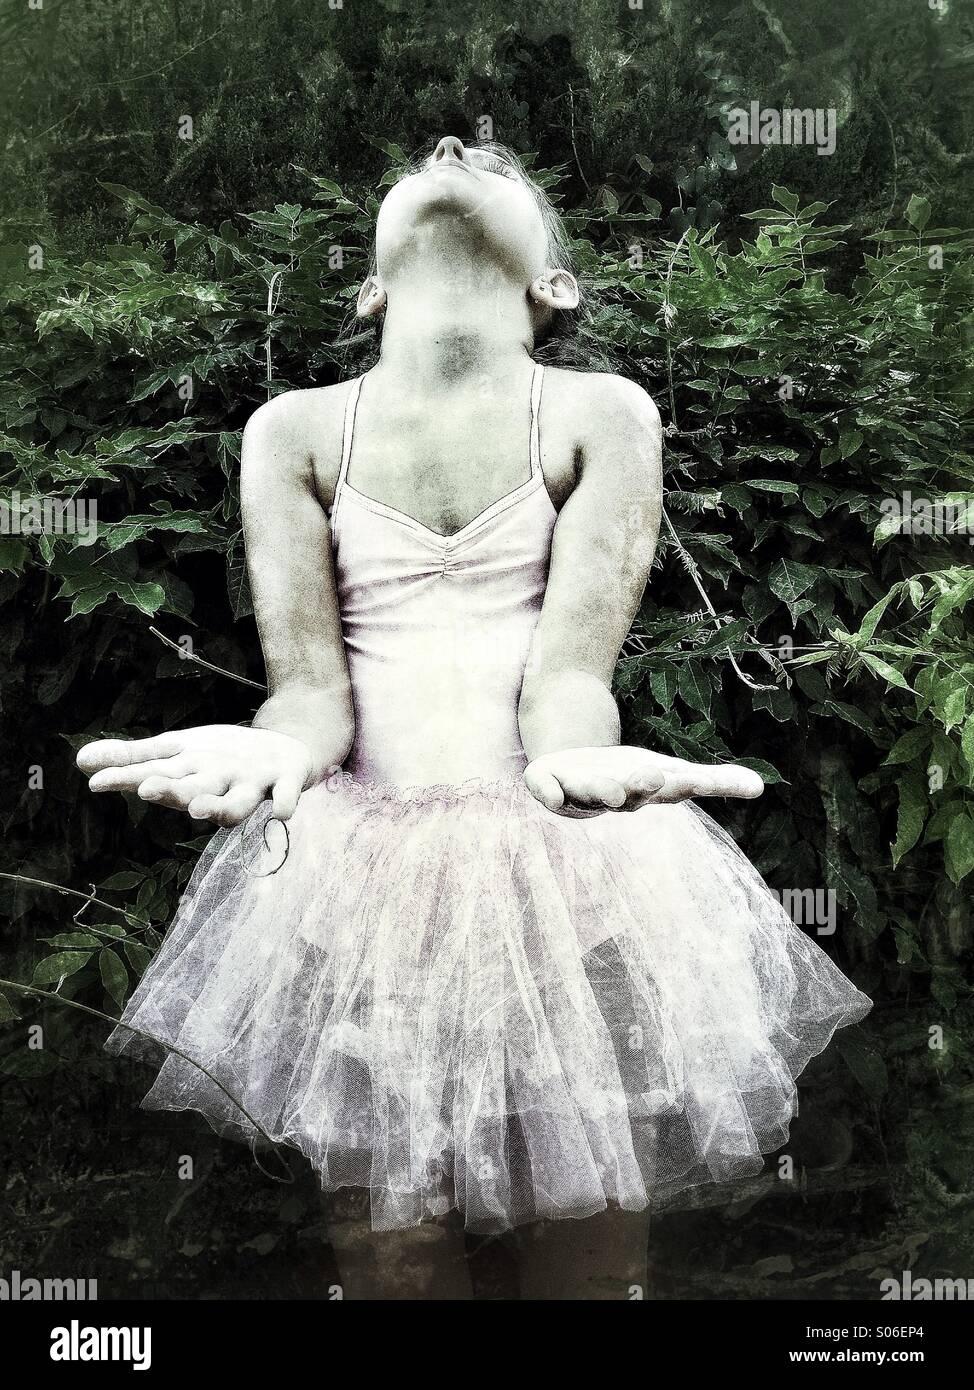 Ballet girl - Stock Image